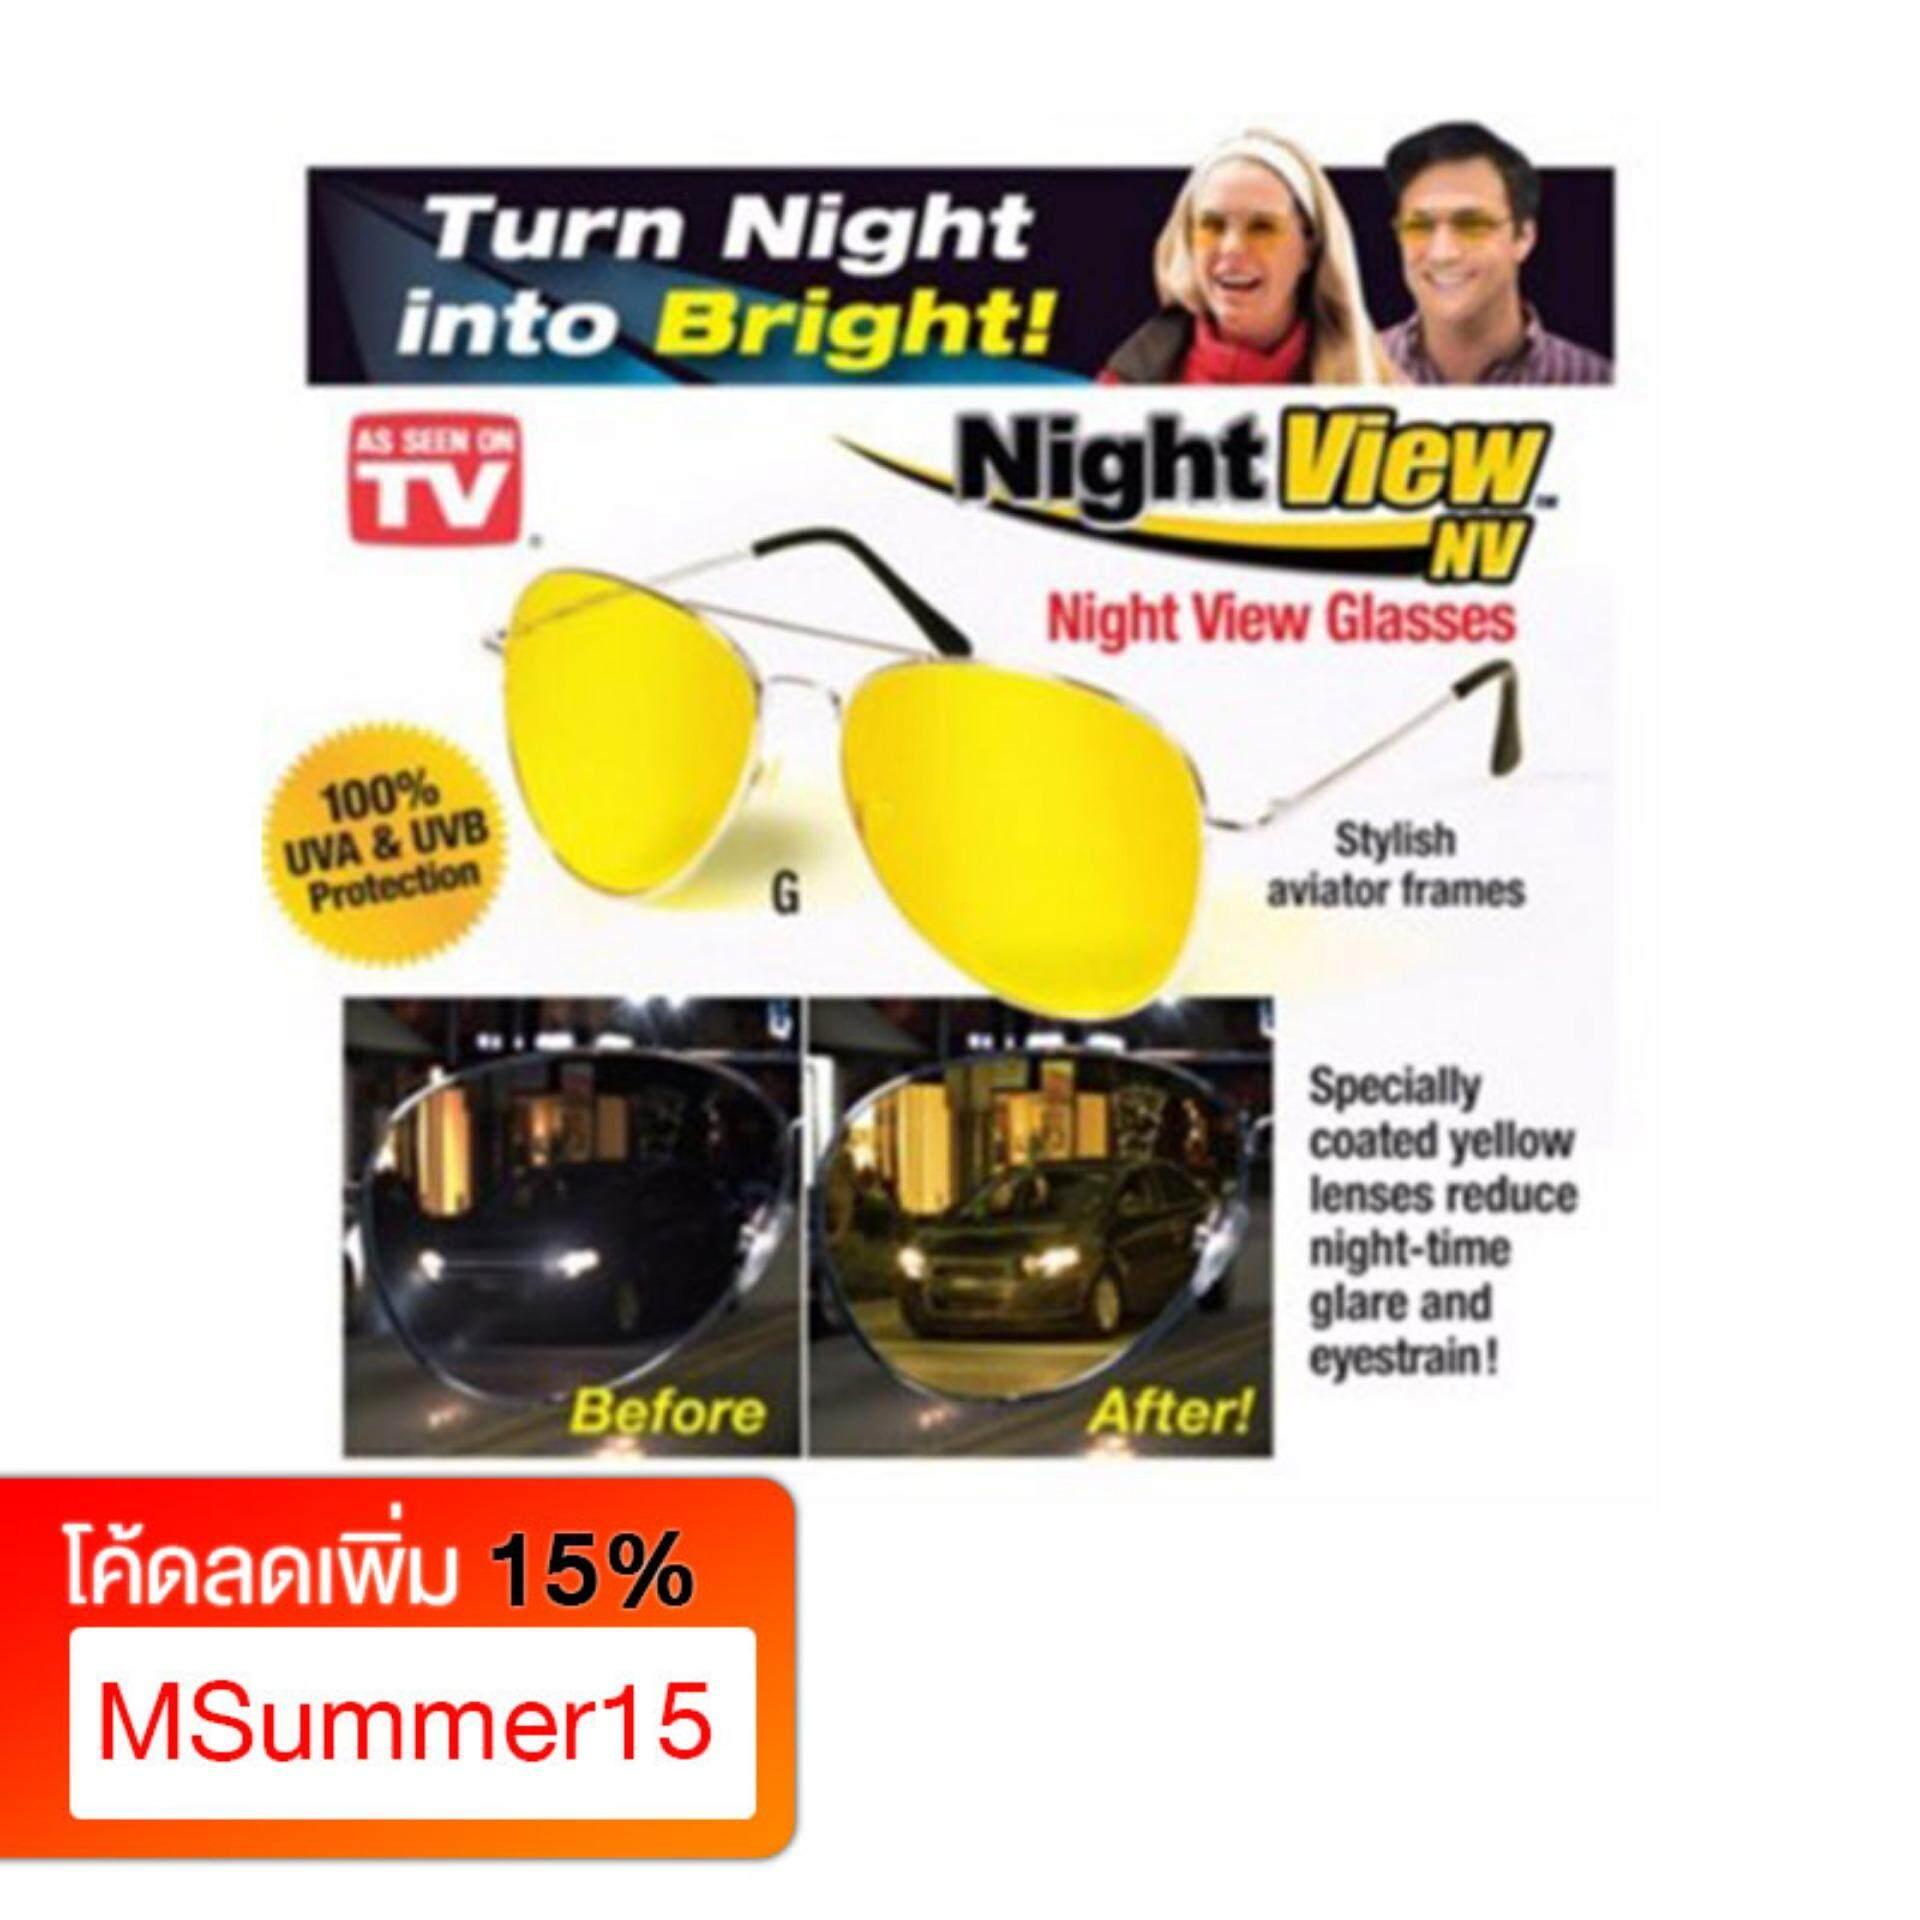 ขาย แว่นตาขับรถกลางคืนอัจฉริยะ แว่นตาตัดหมอก แว่นตาขับรถกลางคืน โพลาไรซ์ Ray Ban Polarized รุ่น Night View Nv Polarized Glasses ซื้อ 1 แถม 1 ฟรี Night Drive เป็นต้นฉบับ